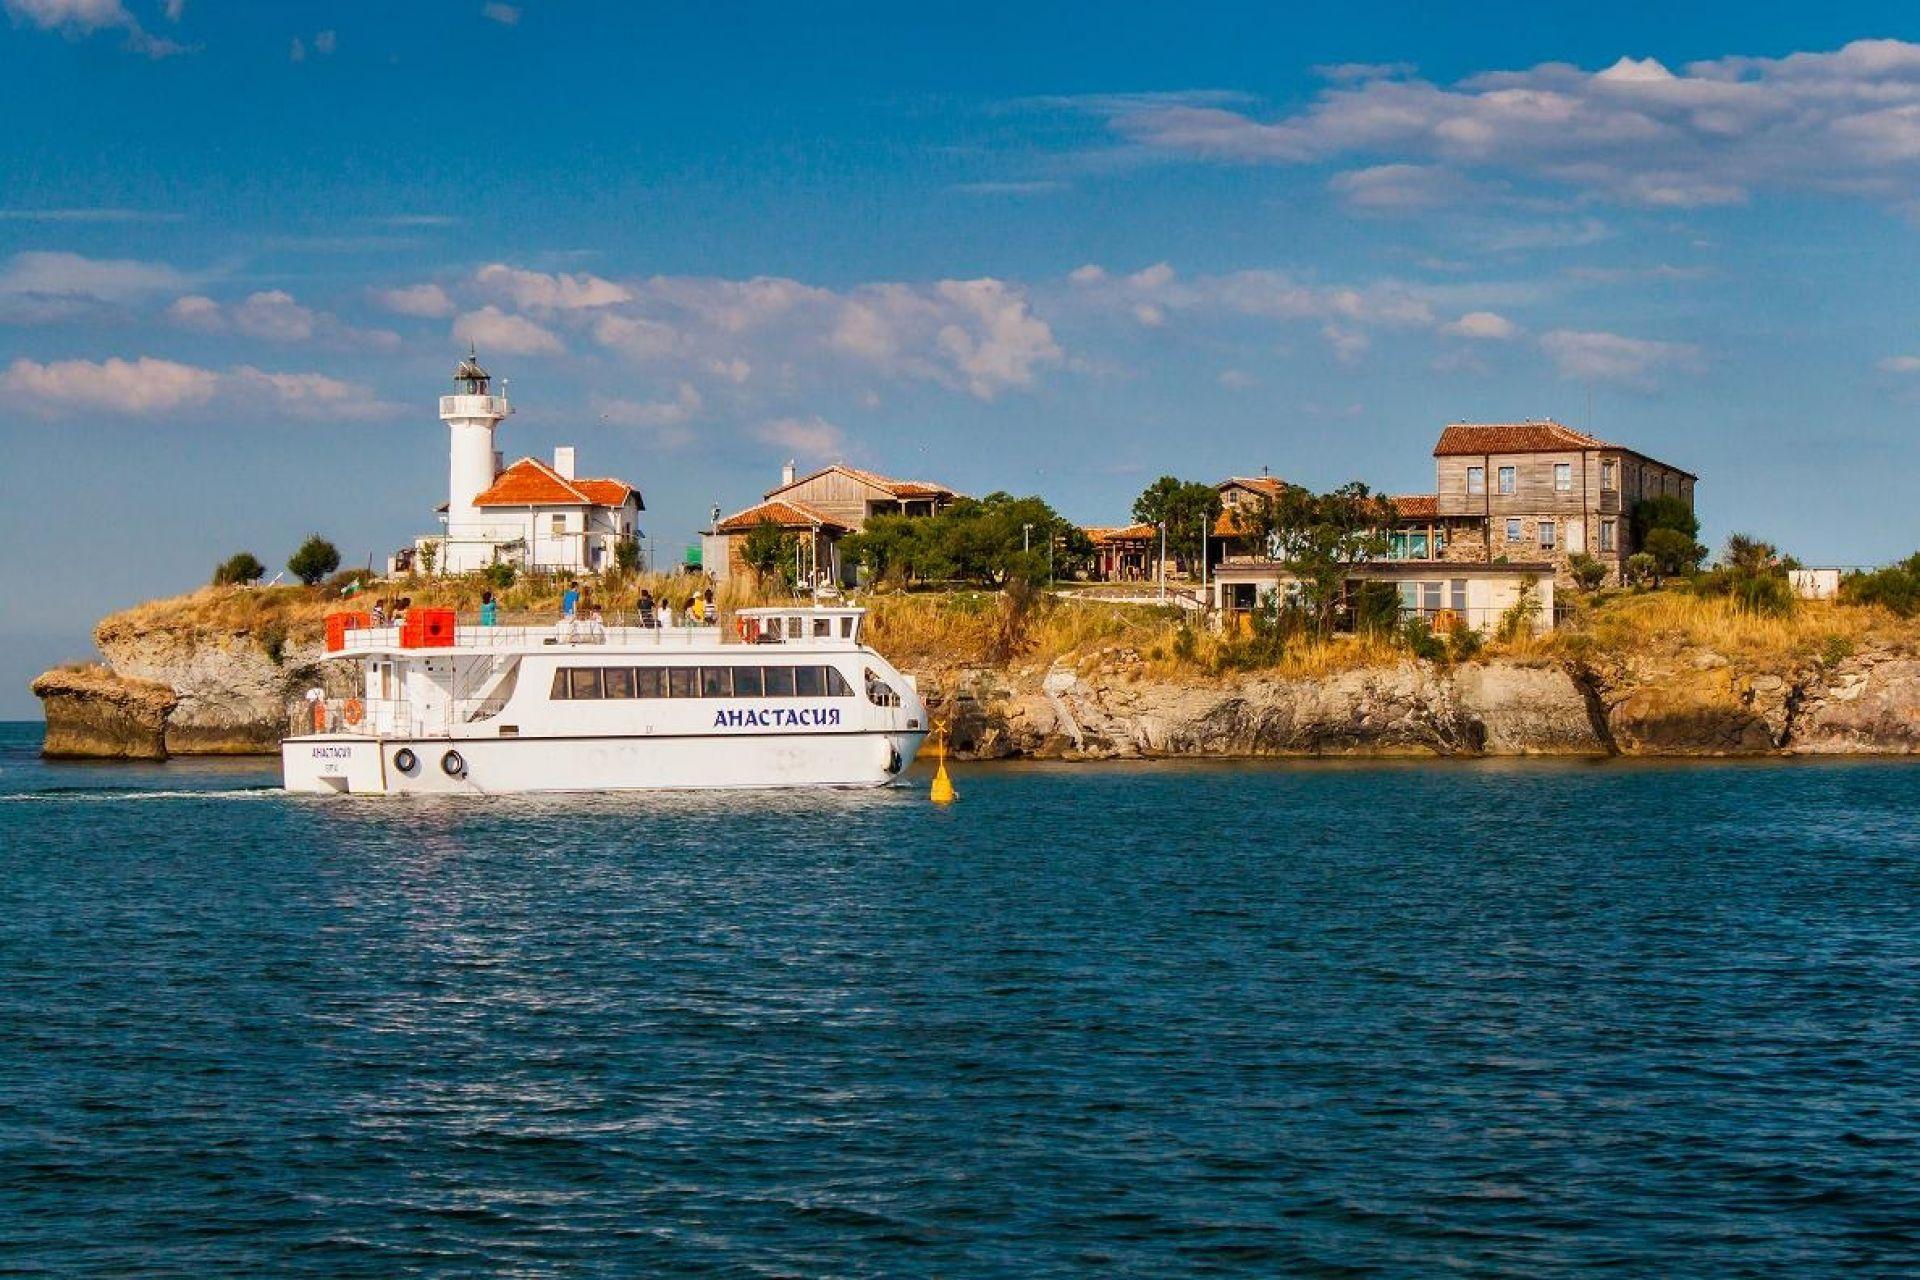 Остров Света Анастасия предлага богата културна програма през юли 2018г